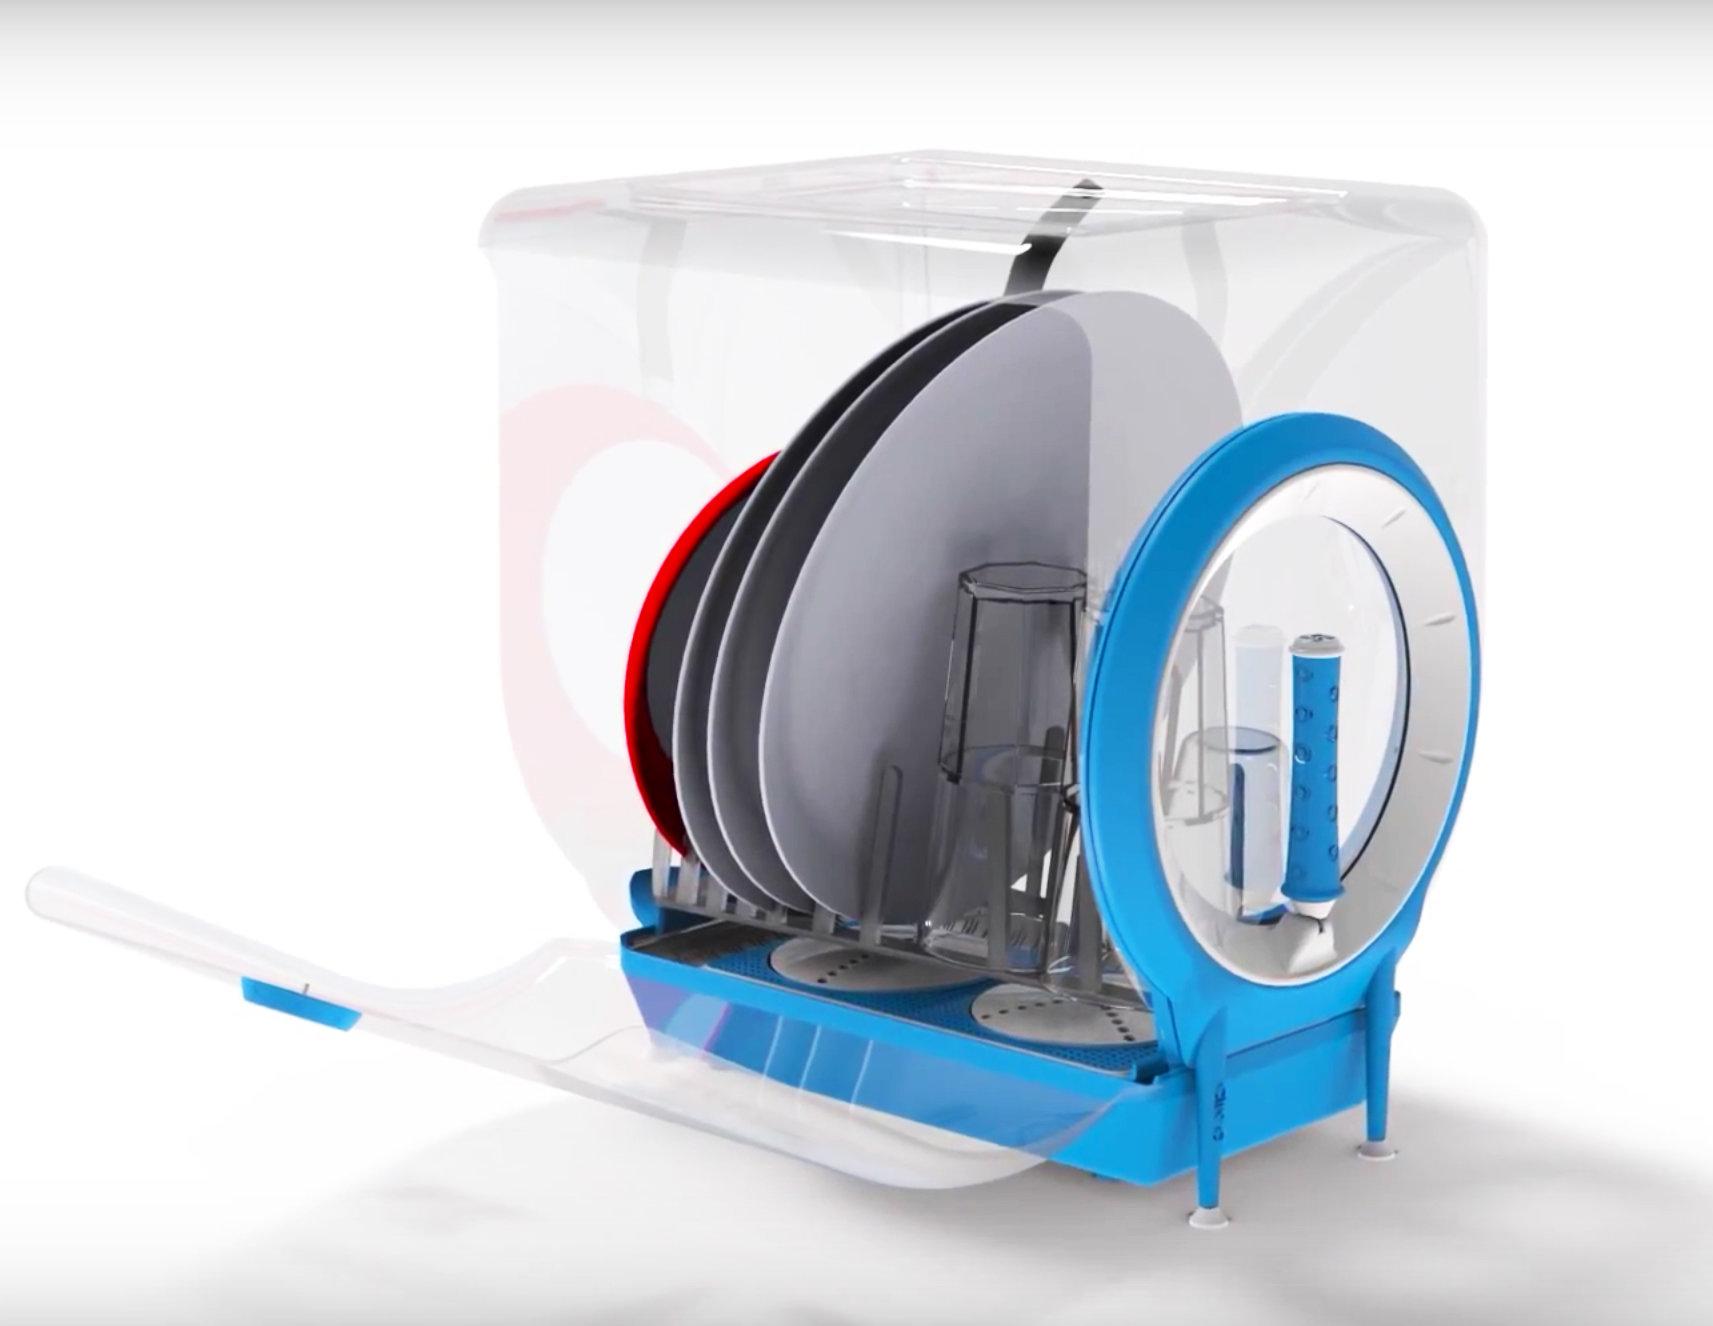 La lavastoviglie a manovella che pulisce i piatti in un minuto